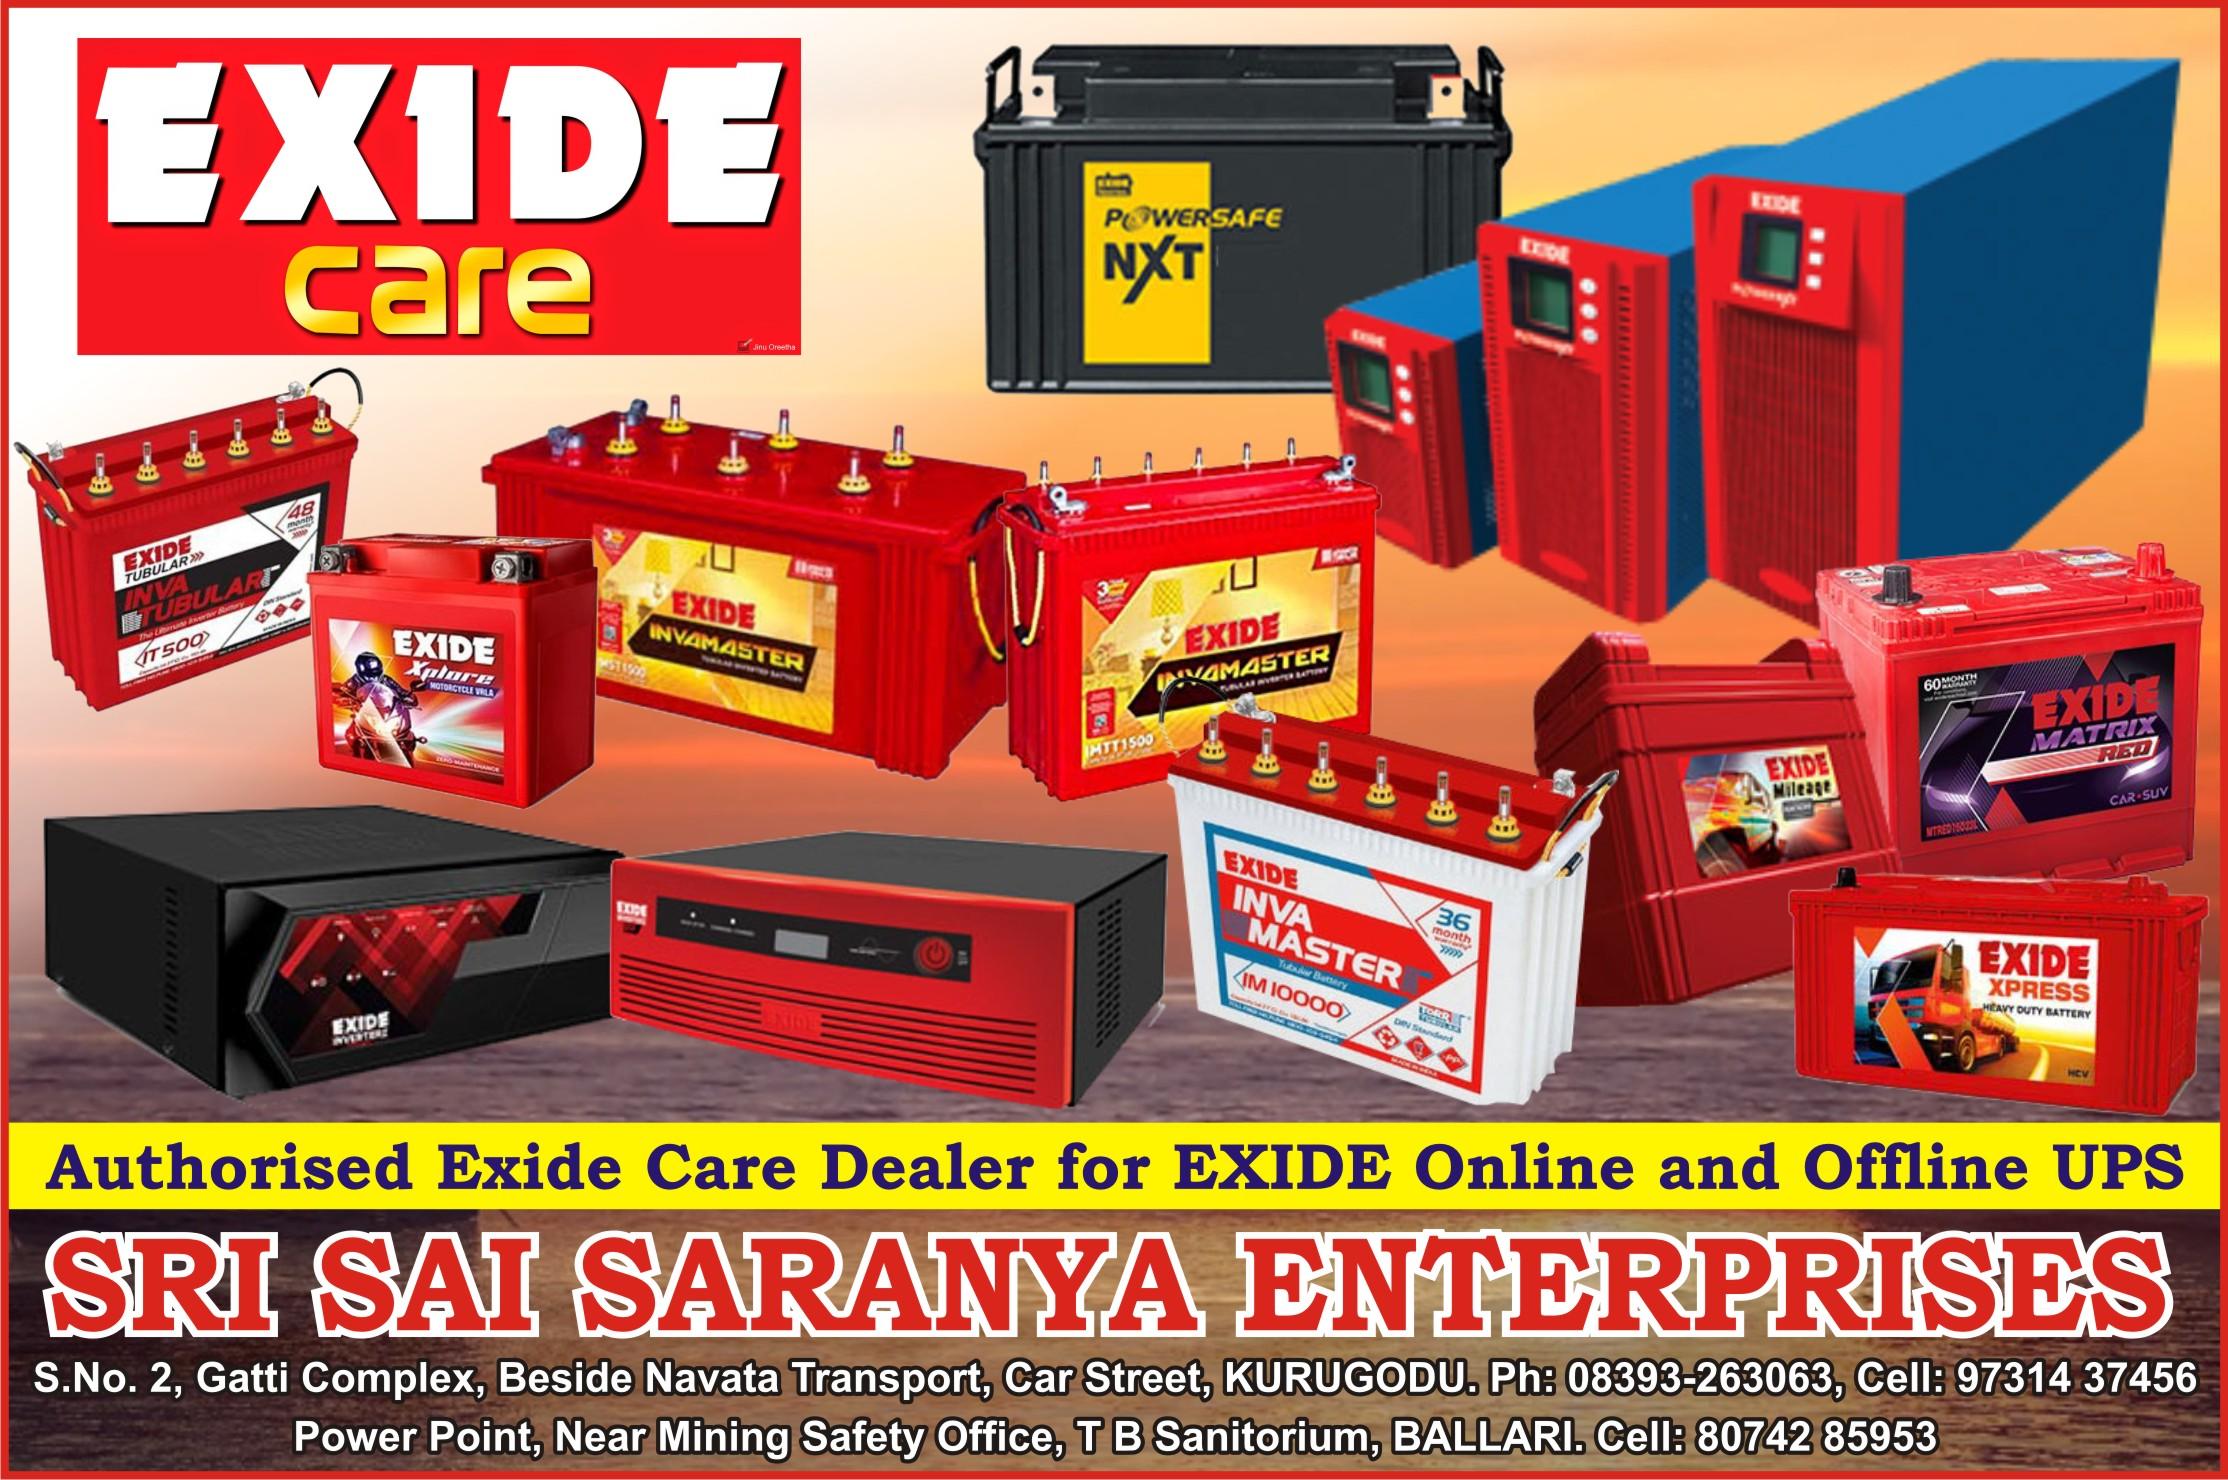 Sri Sai Saranya Enterprises